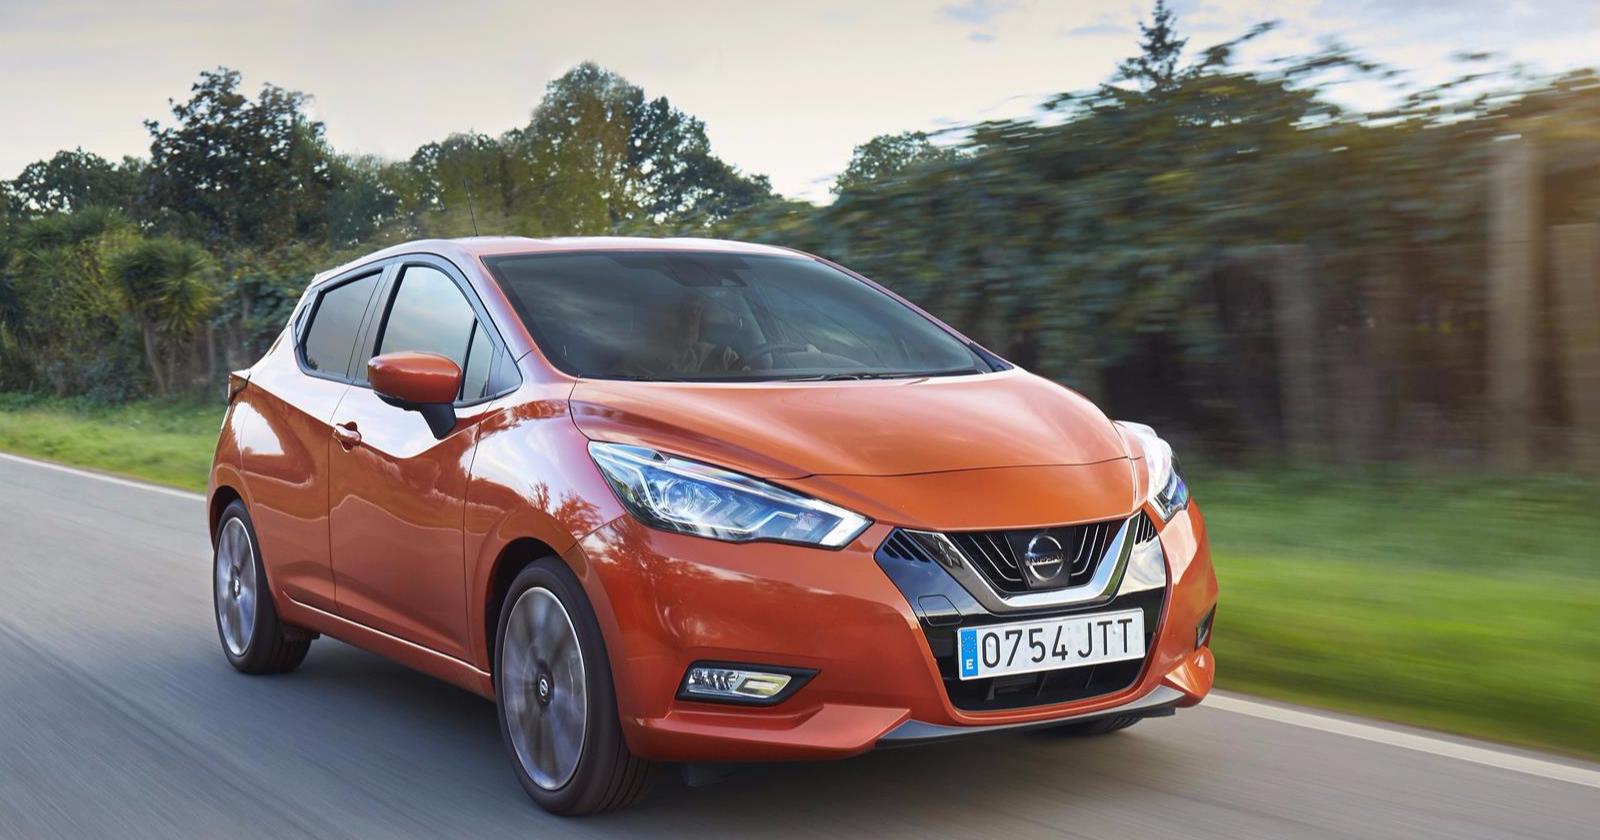 Ensi viikolla Suomeen saapuva uusi Nissan Micra maksaa 14